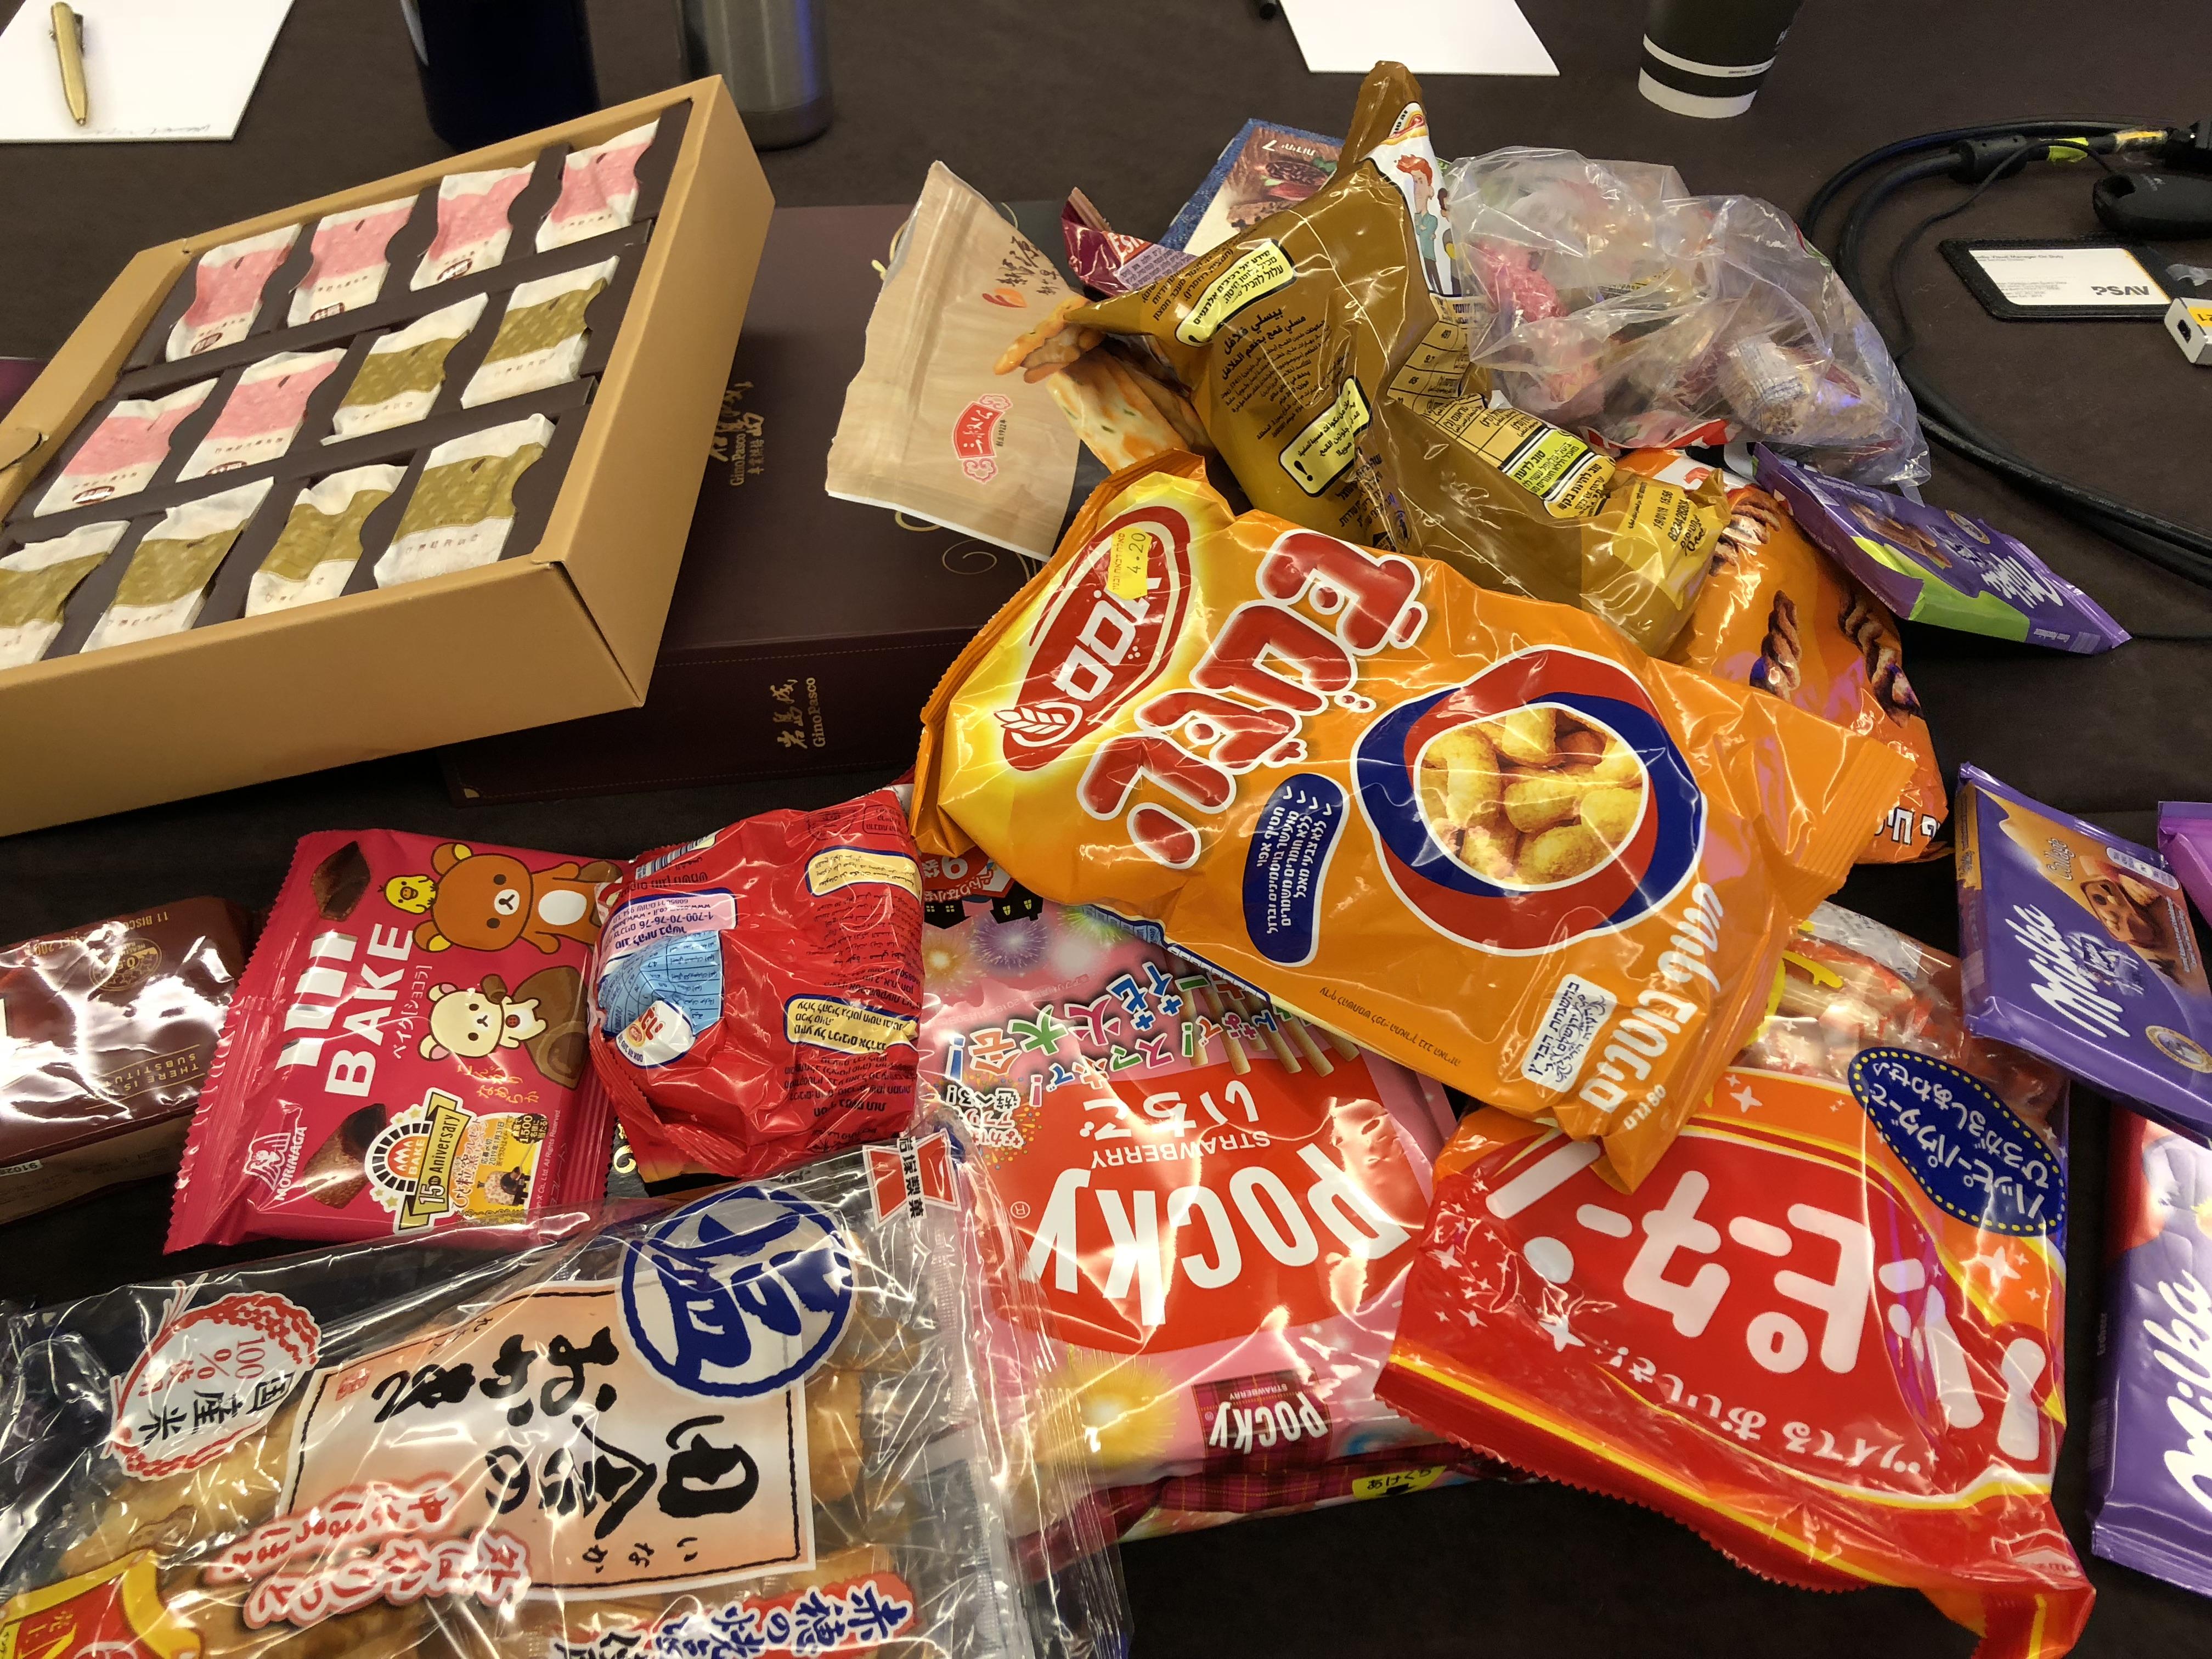 オーストリア、台湾、イスラエル、日本のお菓子